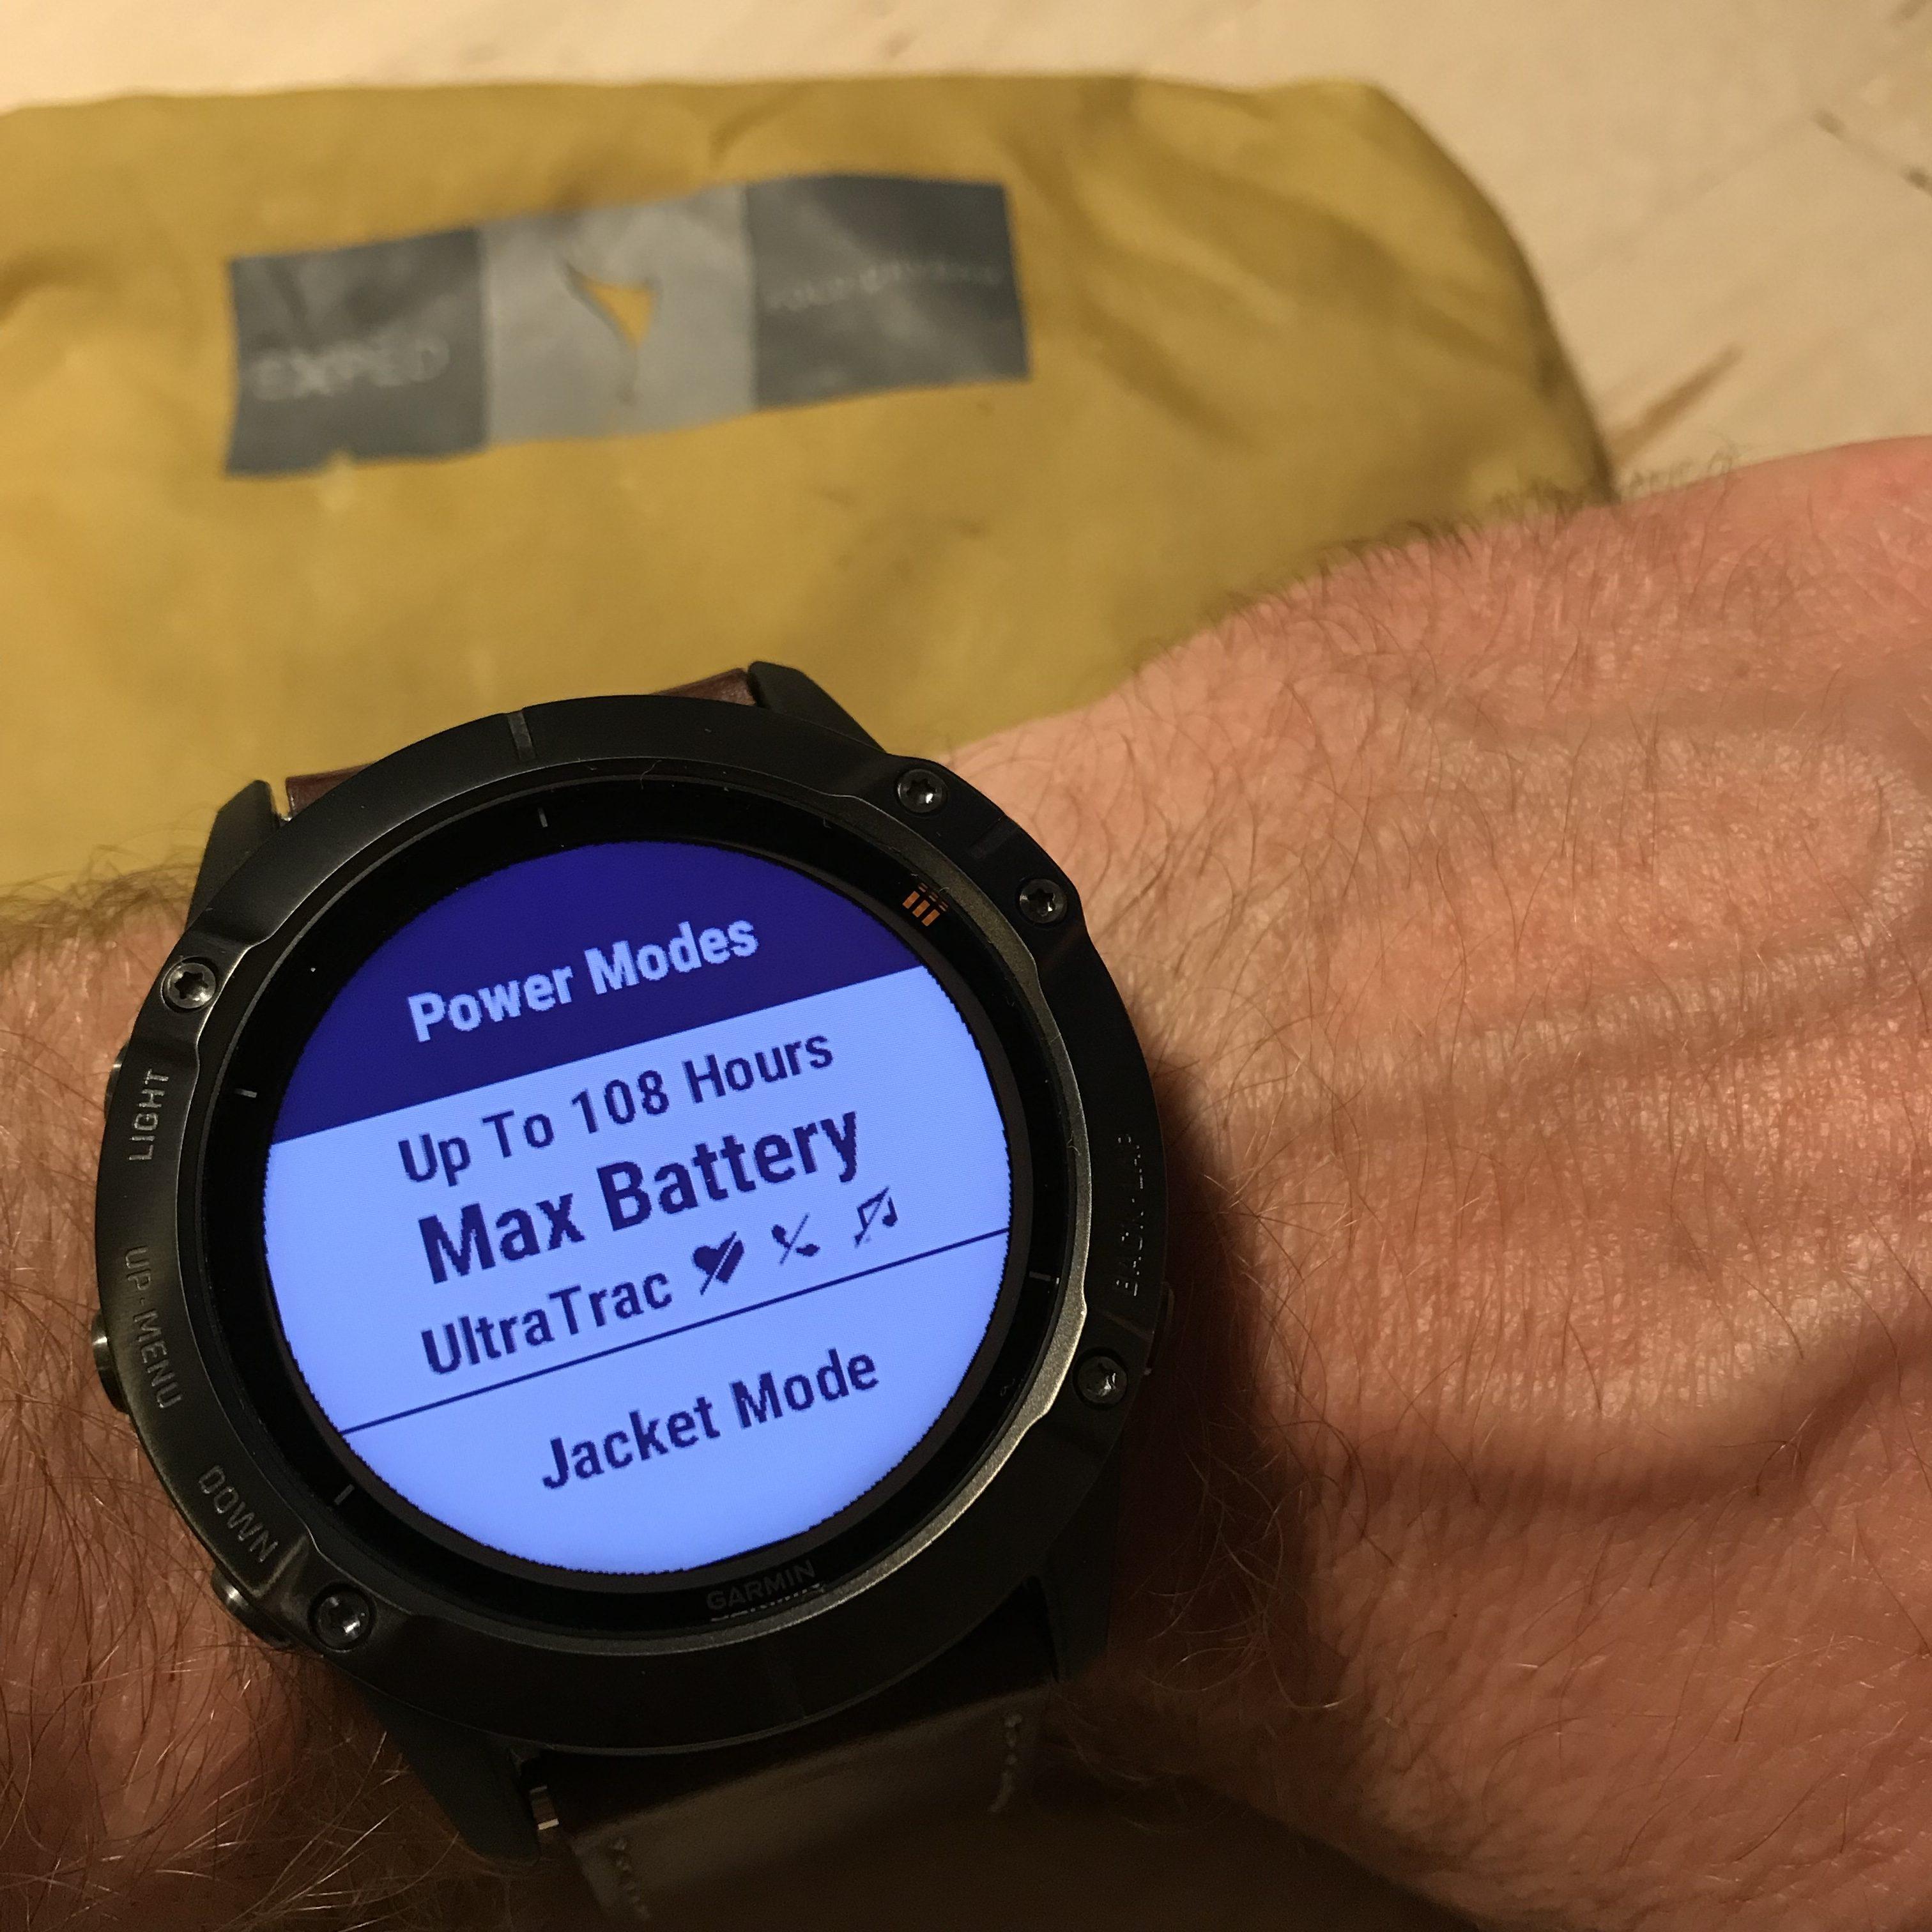 I den nye Power Manager menu kan du direkte kan se, hvordan de valg du tager i forhold til brug af GPS, optisk puls, tilknyttet tilbehør, baggrundsbelysning m.v. har indflydelse på driftstiden.